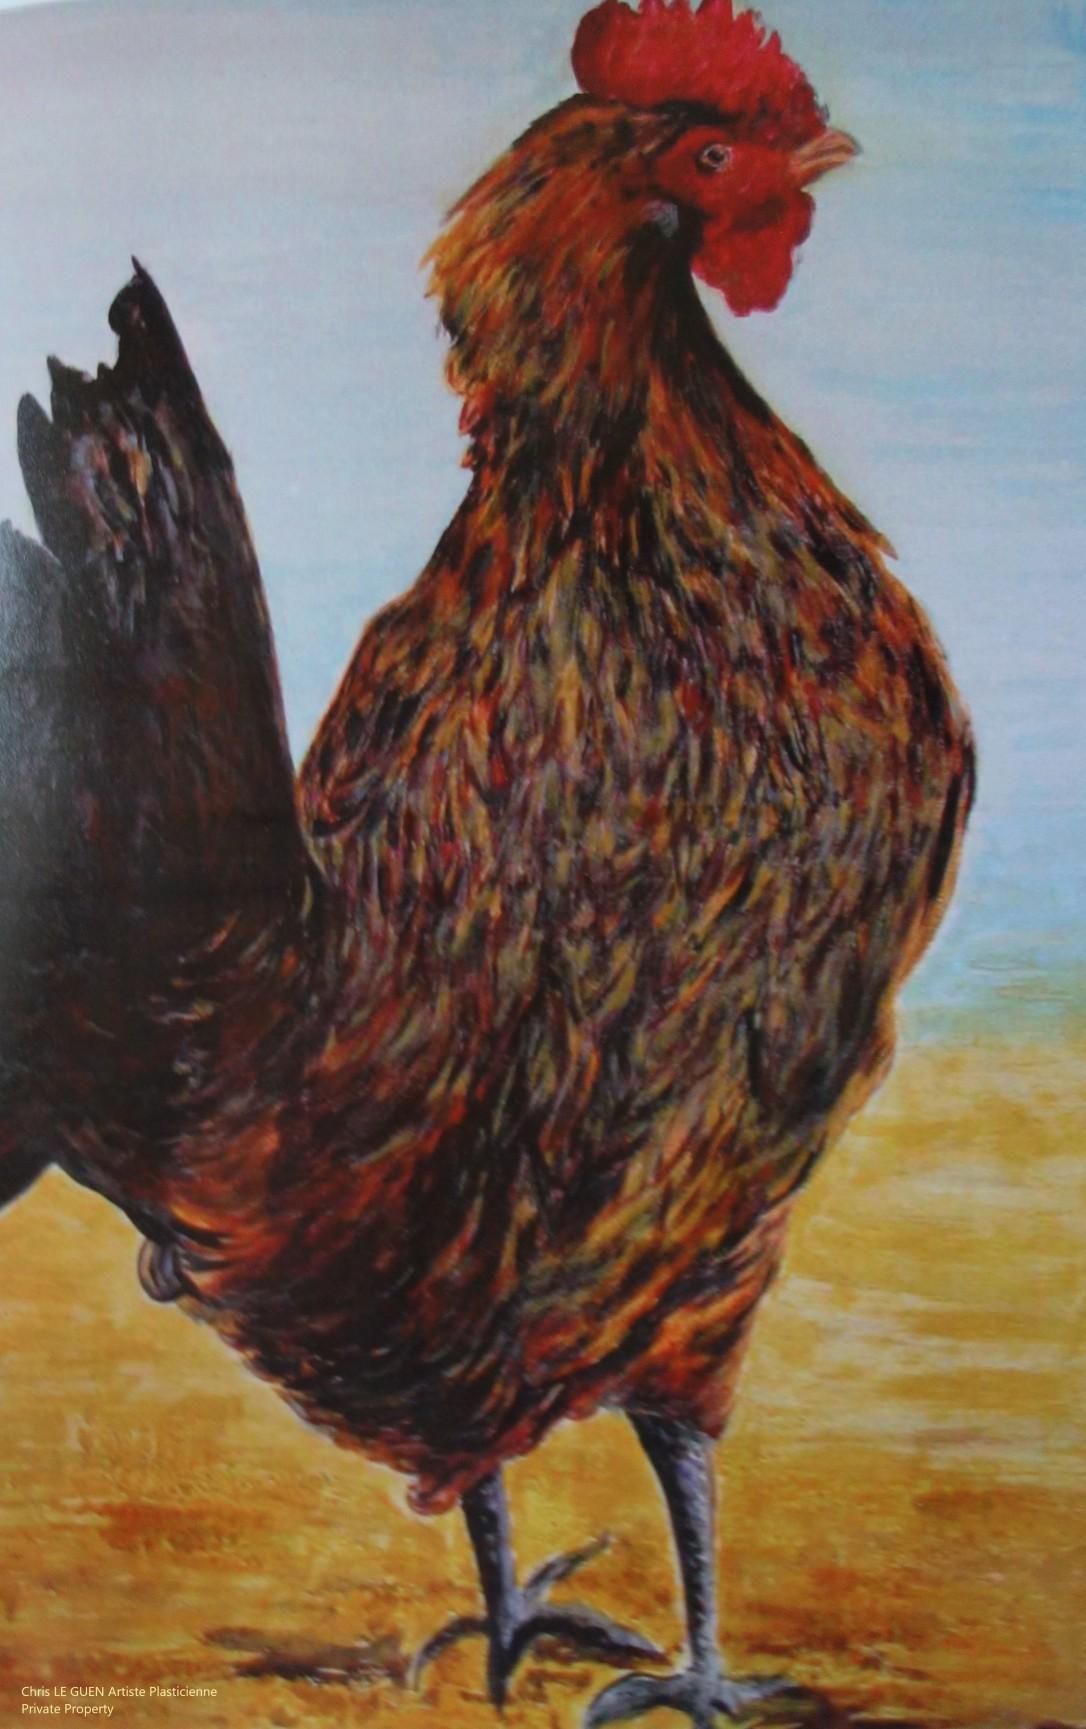 Coq N°3 peint par Chris Le Guen Artiste Plasticienne Peintre et Sculptrice